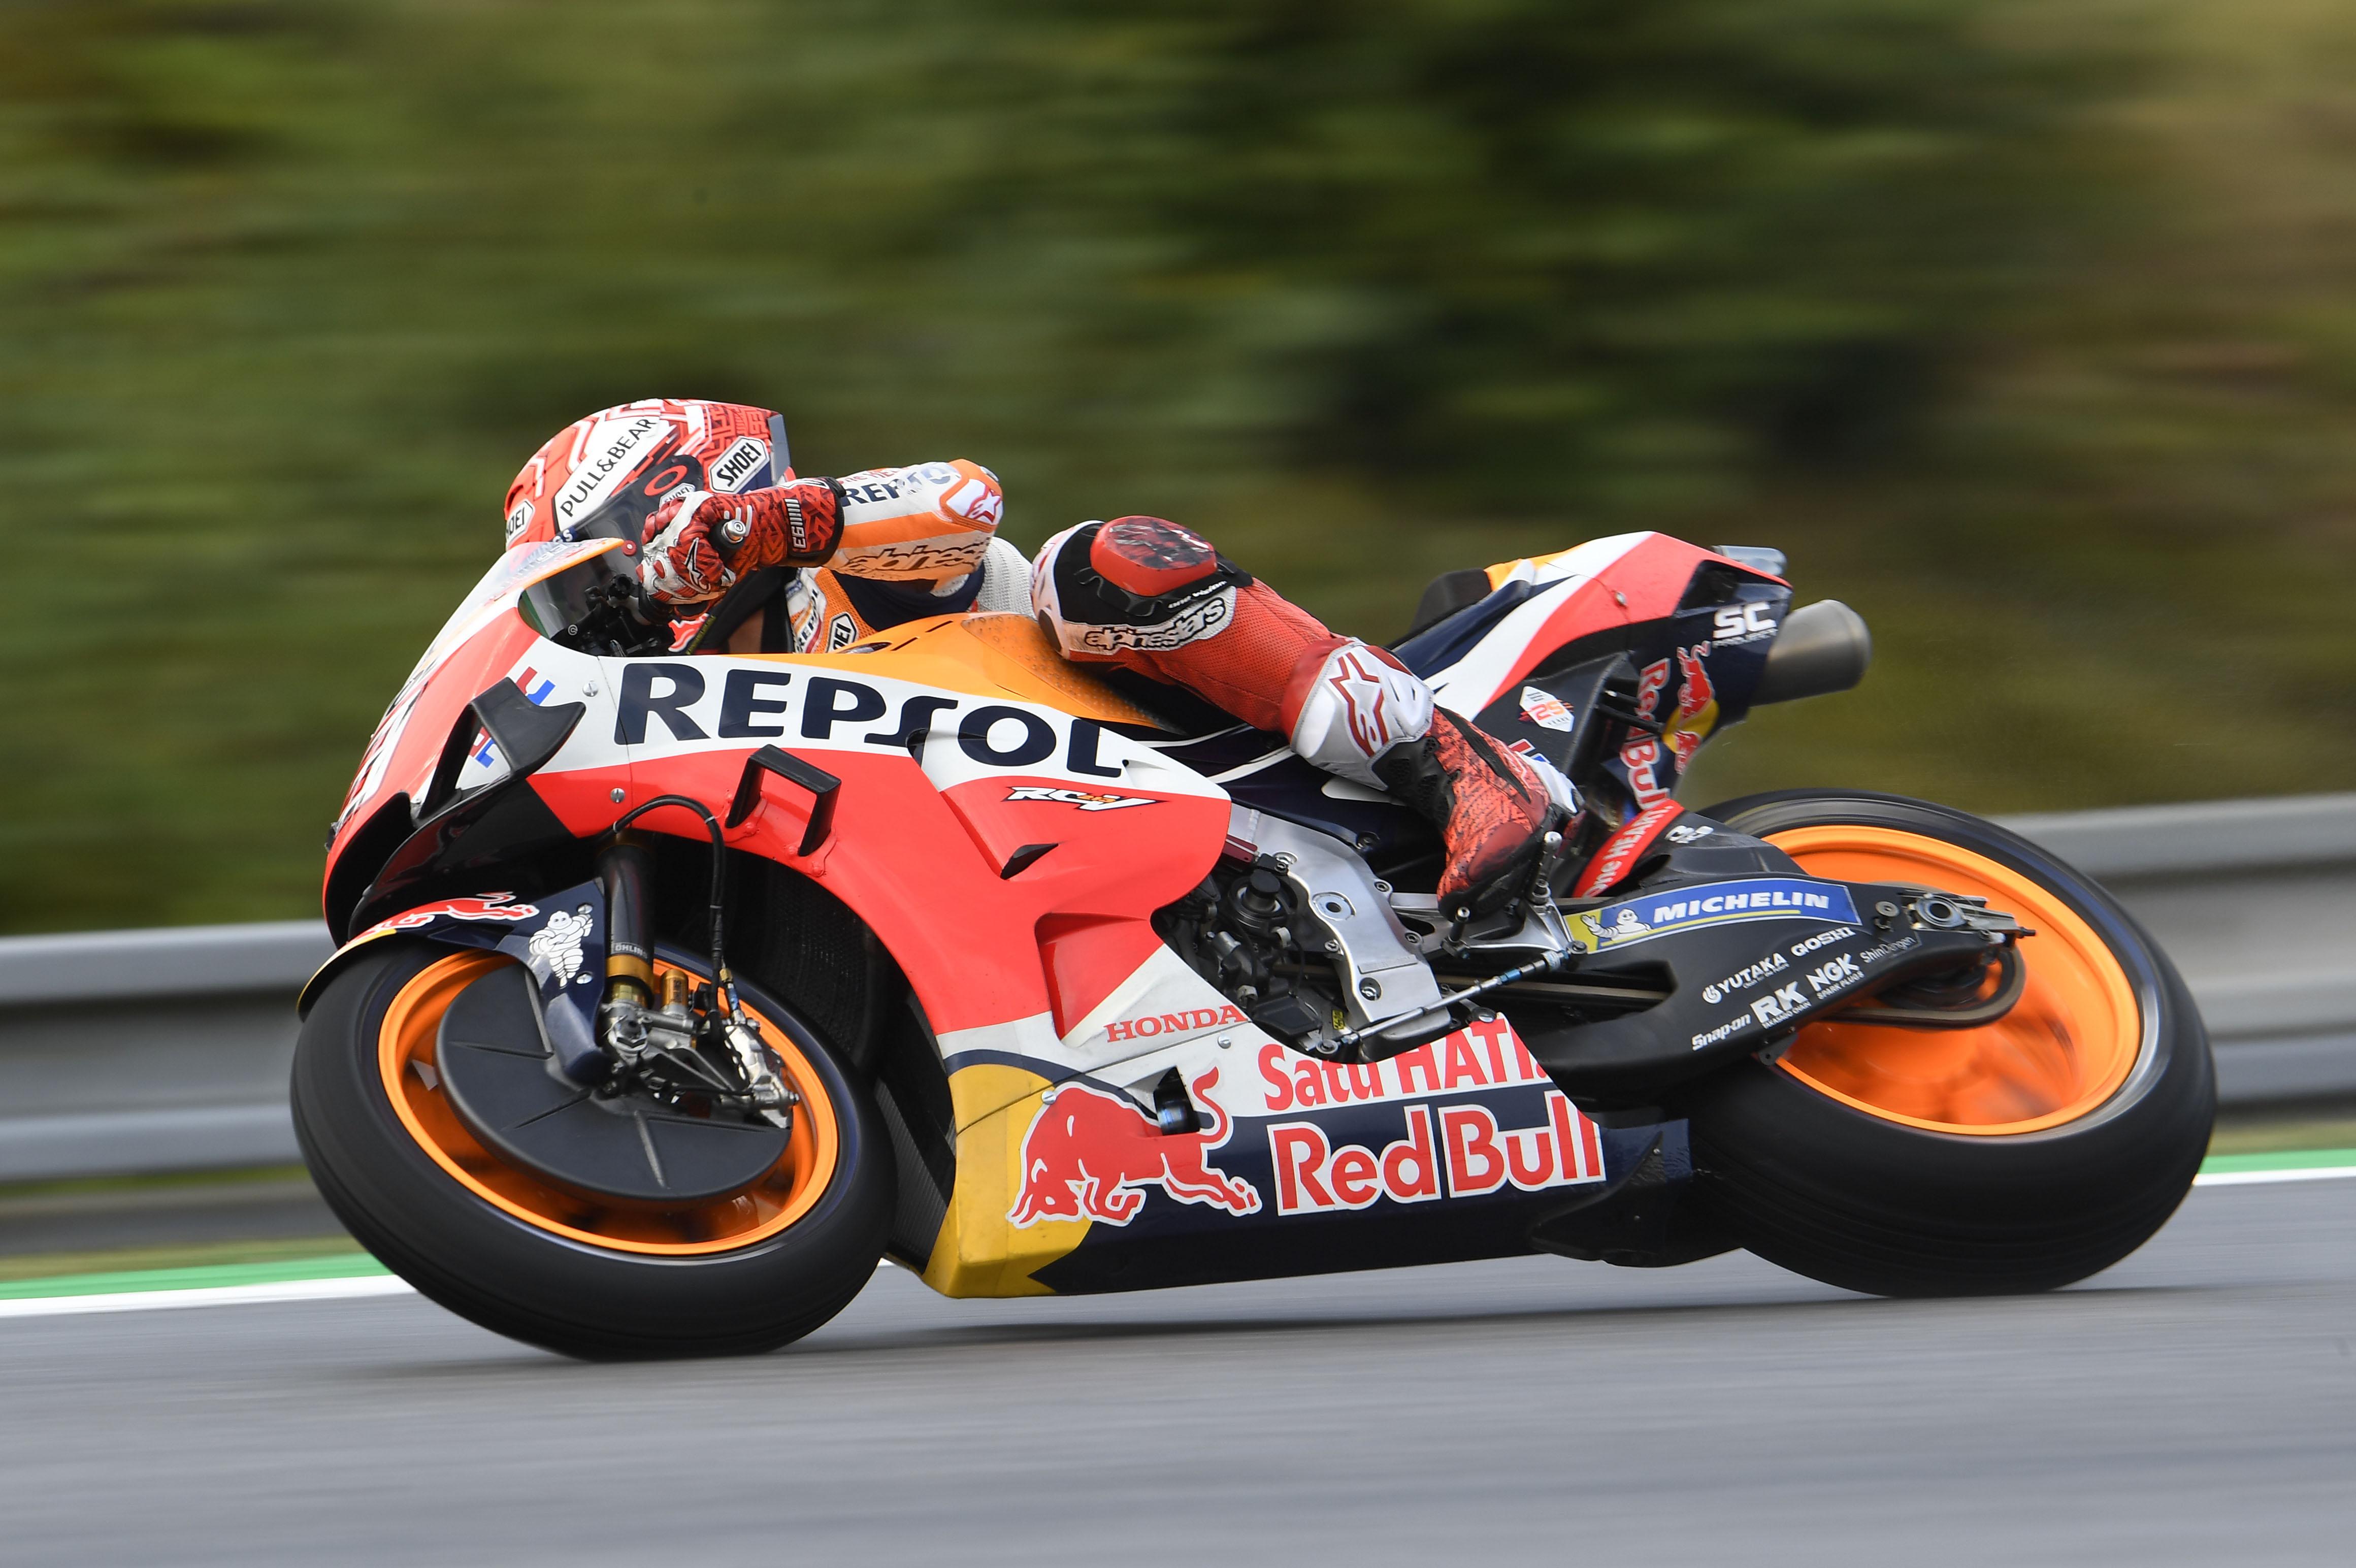 Marc Marquez Photos Photos - MotoGp Of Czech Republic